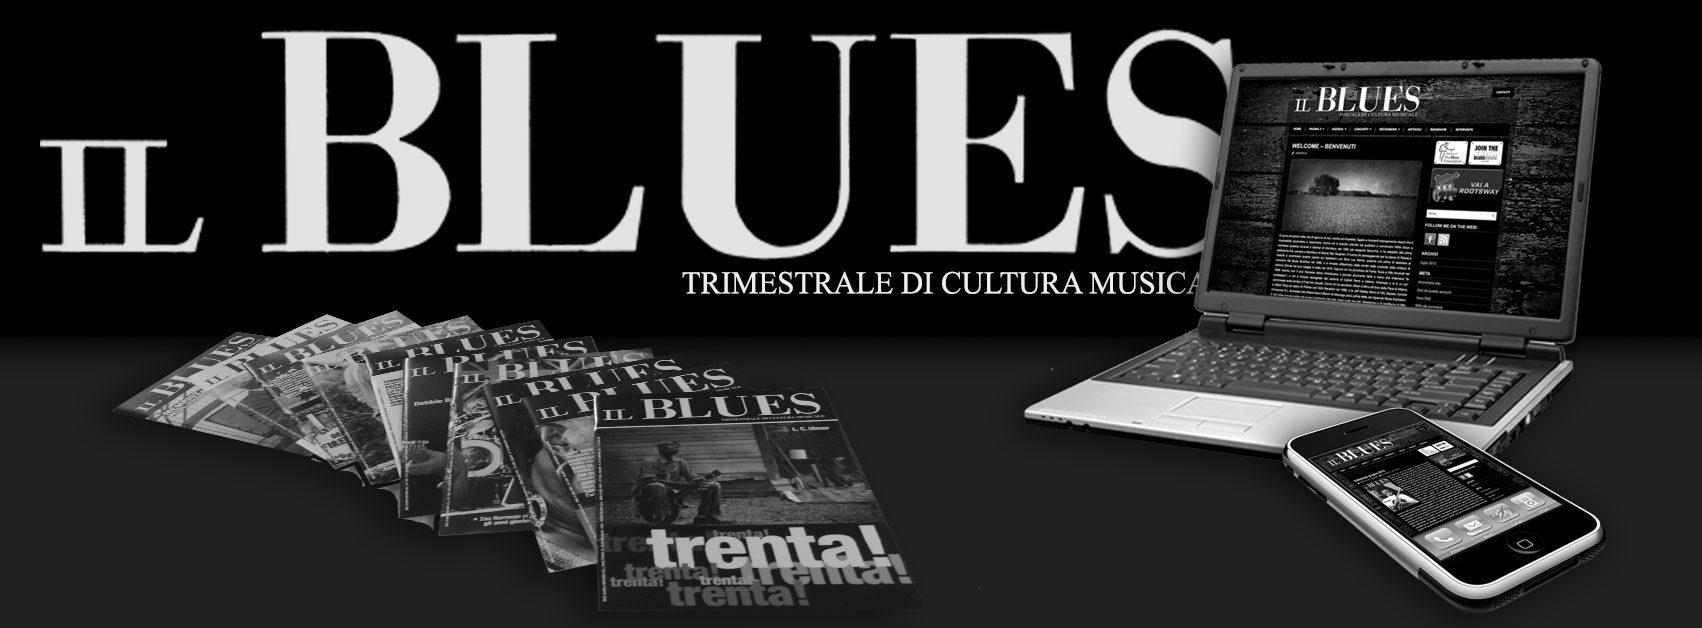 A-Z Blues - Il Blues Magazine, grafica Antonio Boschi, WIT Grafica & Comunicazione